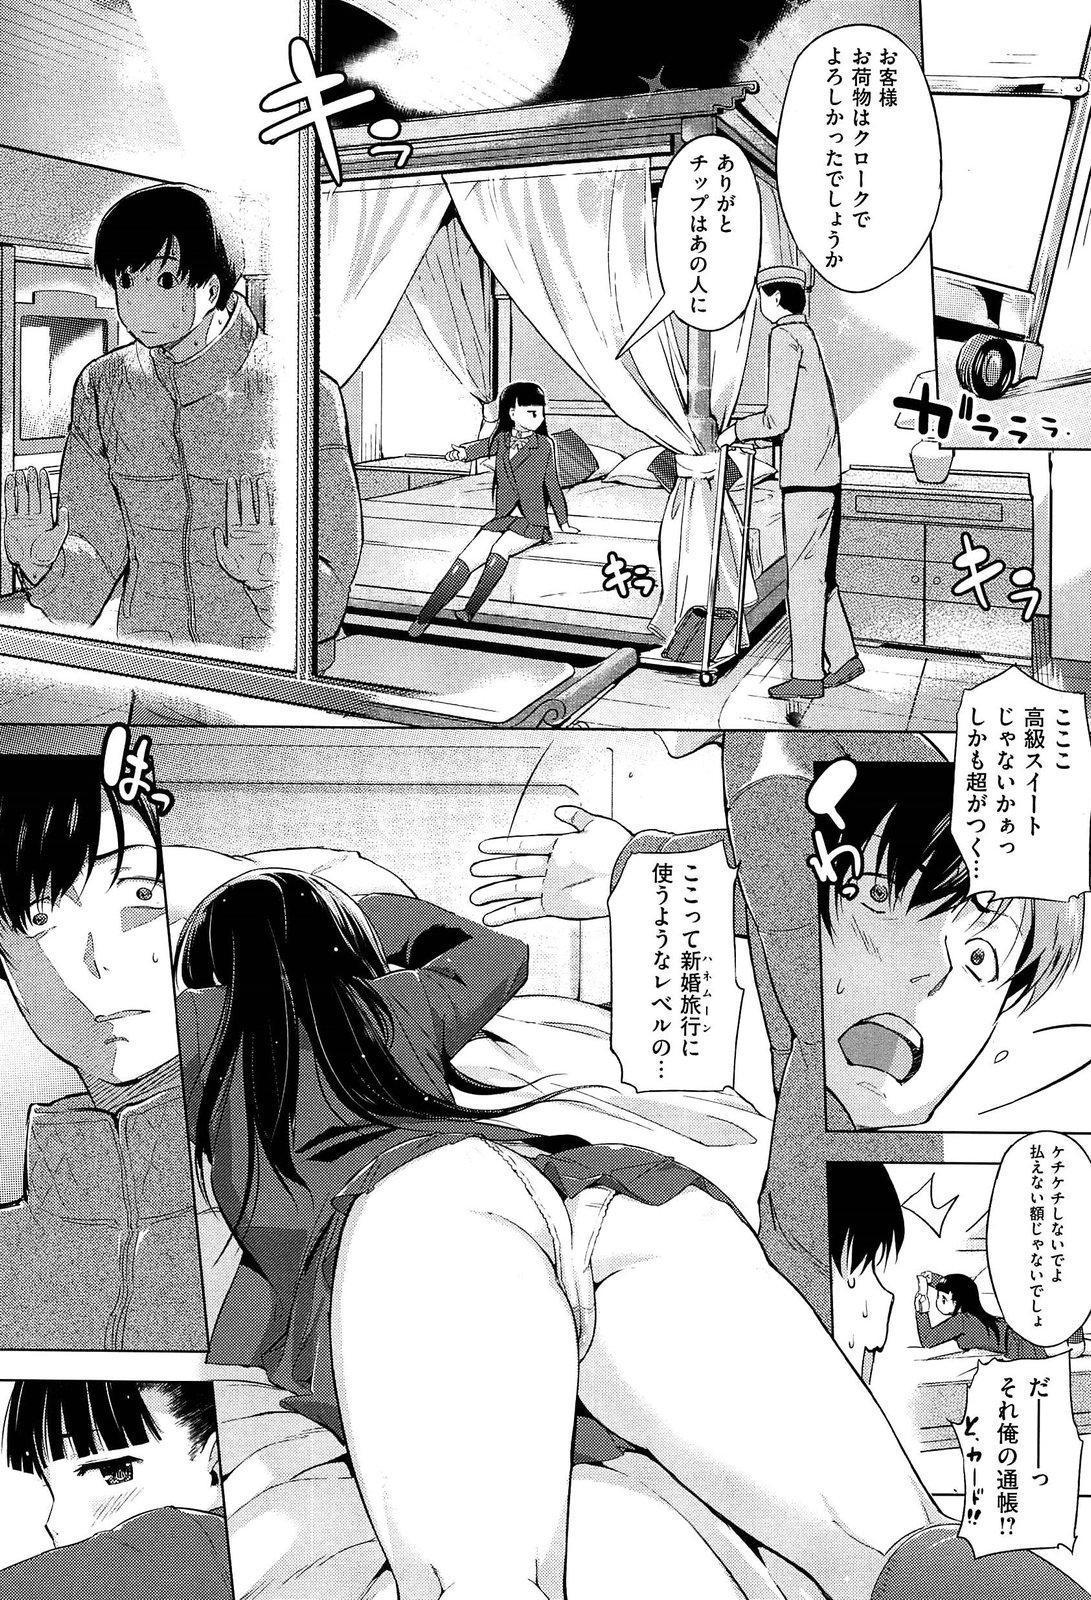 Hatsukoi Swap 171